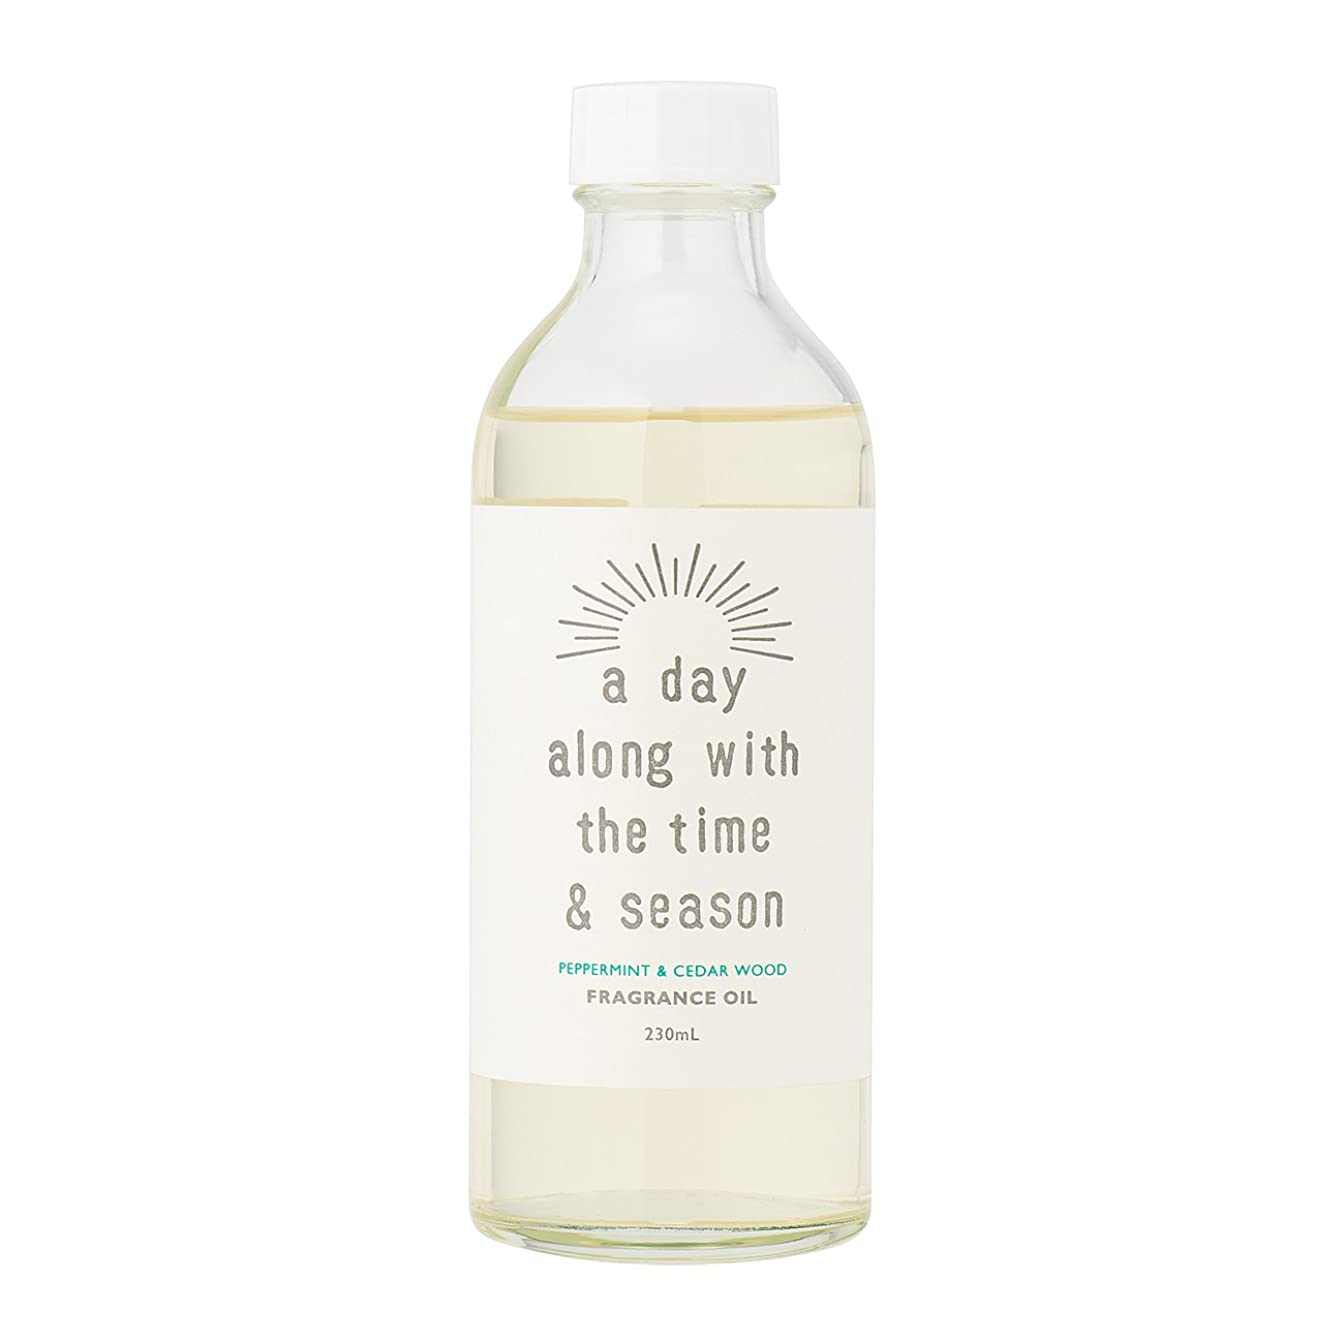 複雑なストレス複雑アデイ(a day) リードディフューザー リフィル ペパーミント&シダーウッド 230ml(芳香剤 詰め替え用 清涼感たっぷりのペパーミントにとてもまろやかな甘みのシダーウッドをあわせた香り)